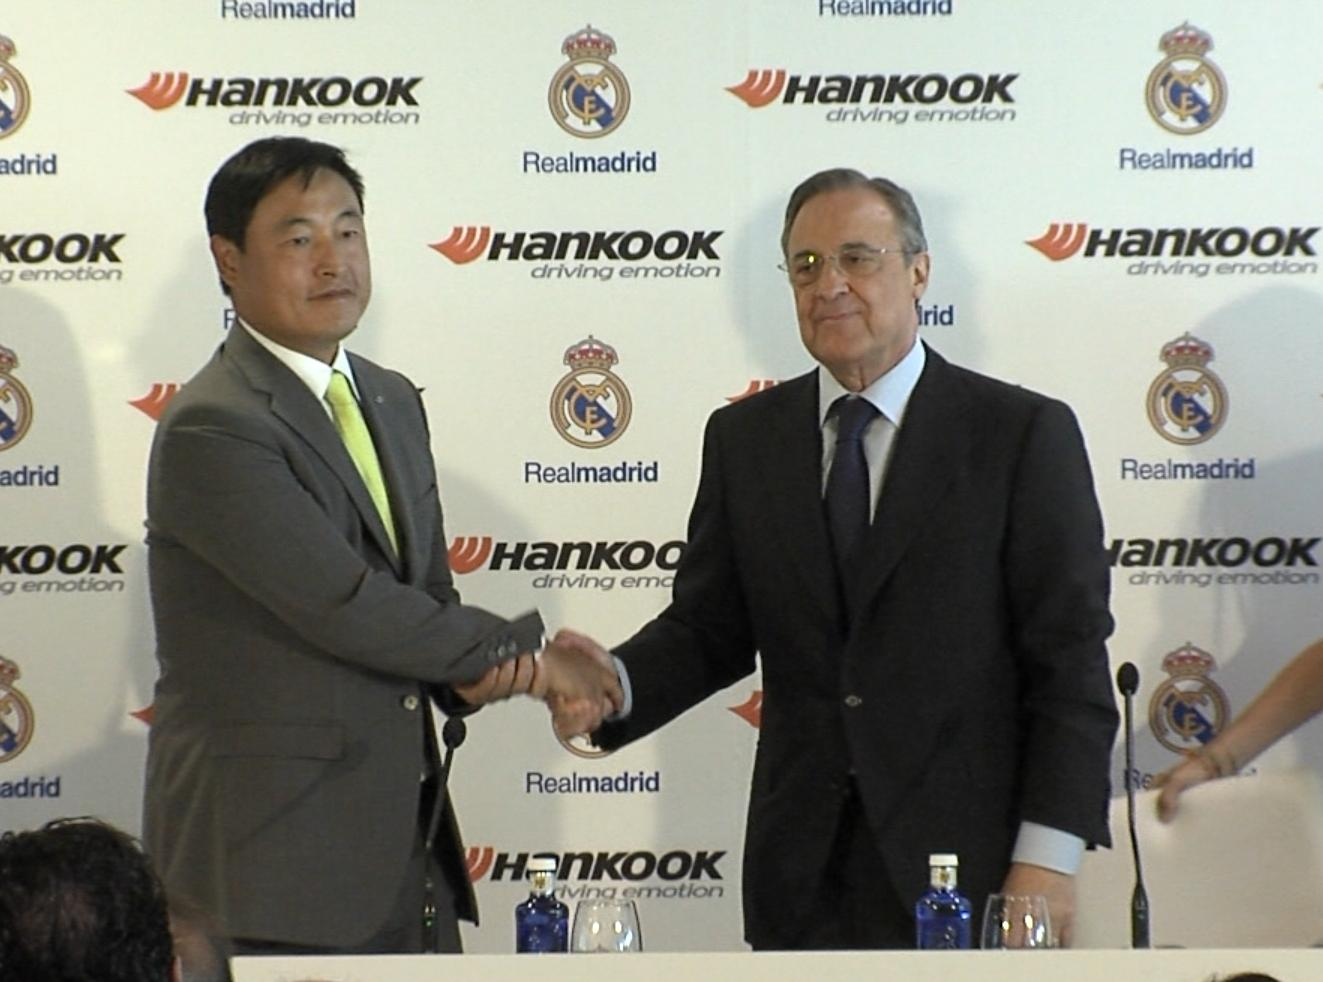 Hankook и «Реал» подписали официальный контракт о глобальном партнерстве